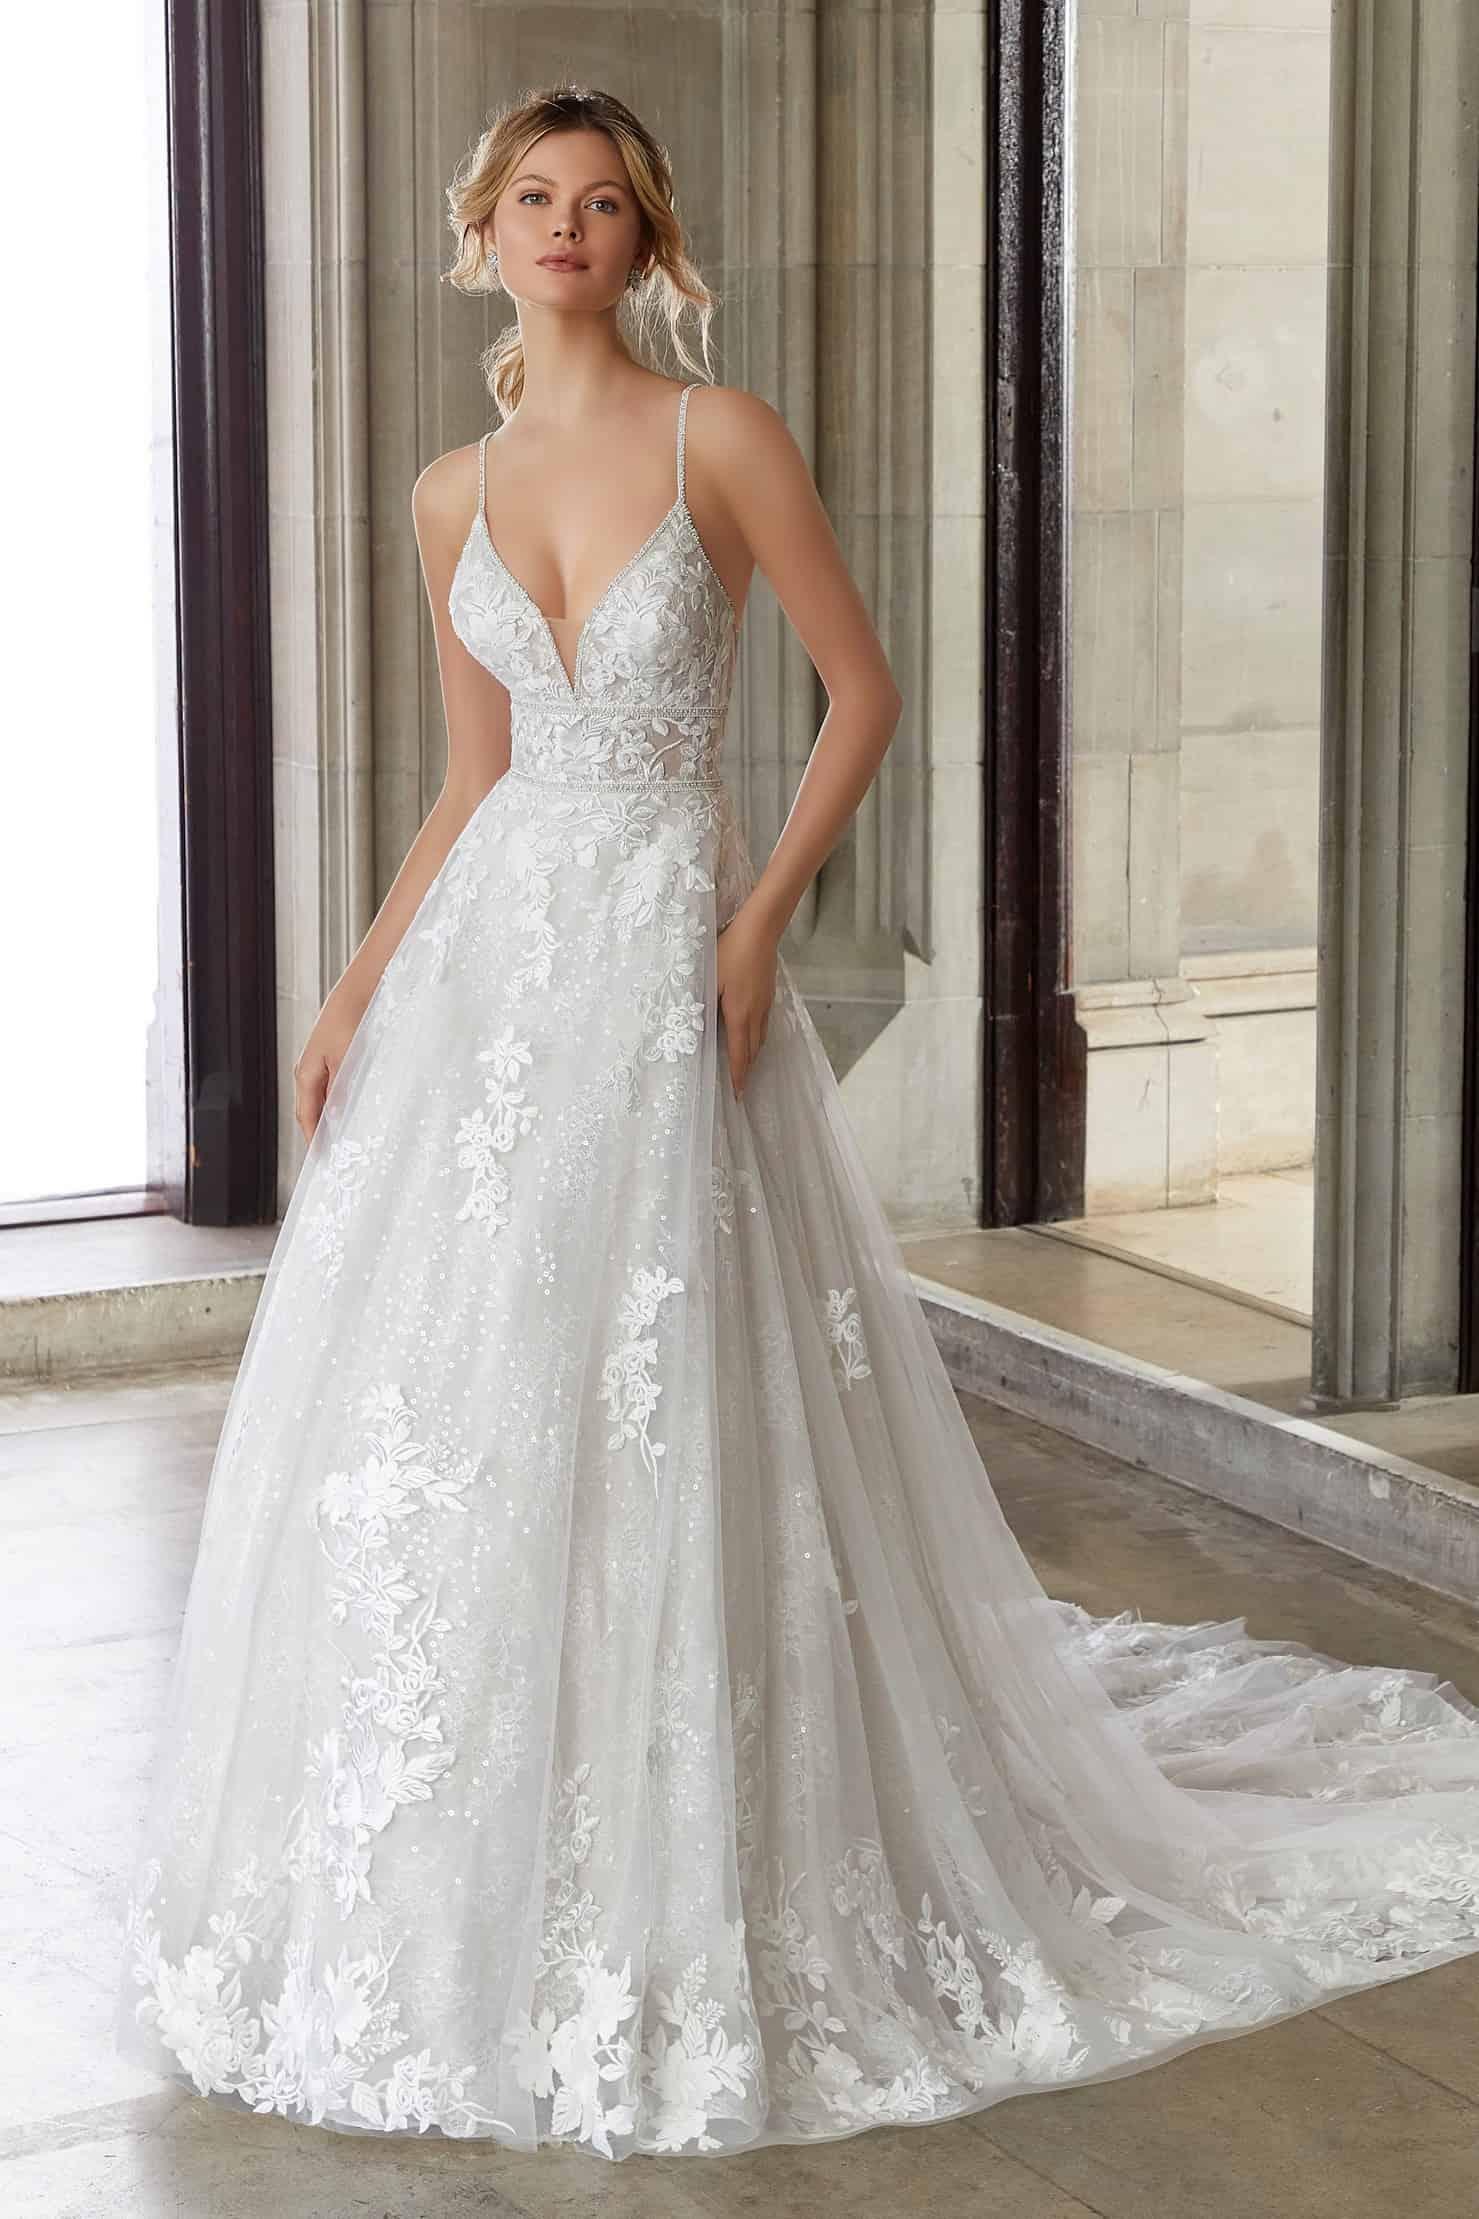 Vállpántos csipke, A vonalú esküvői ruha elegáns övmegoldással a Morilee 2021 évi előkollekciójából. Style: Skylar/2127